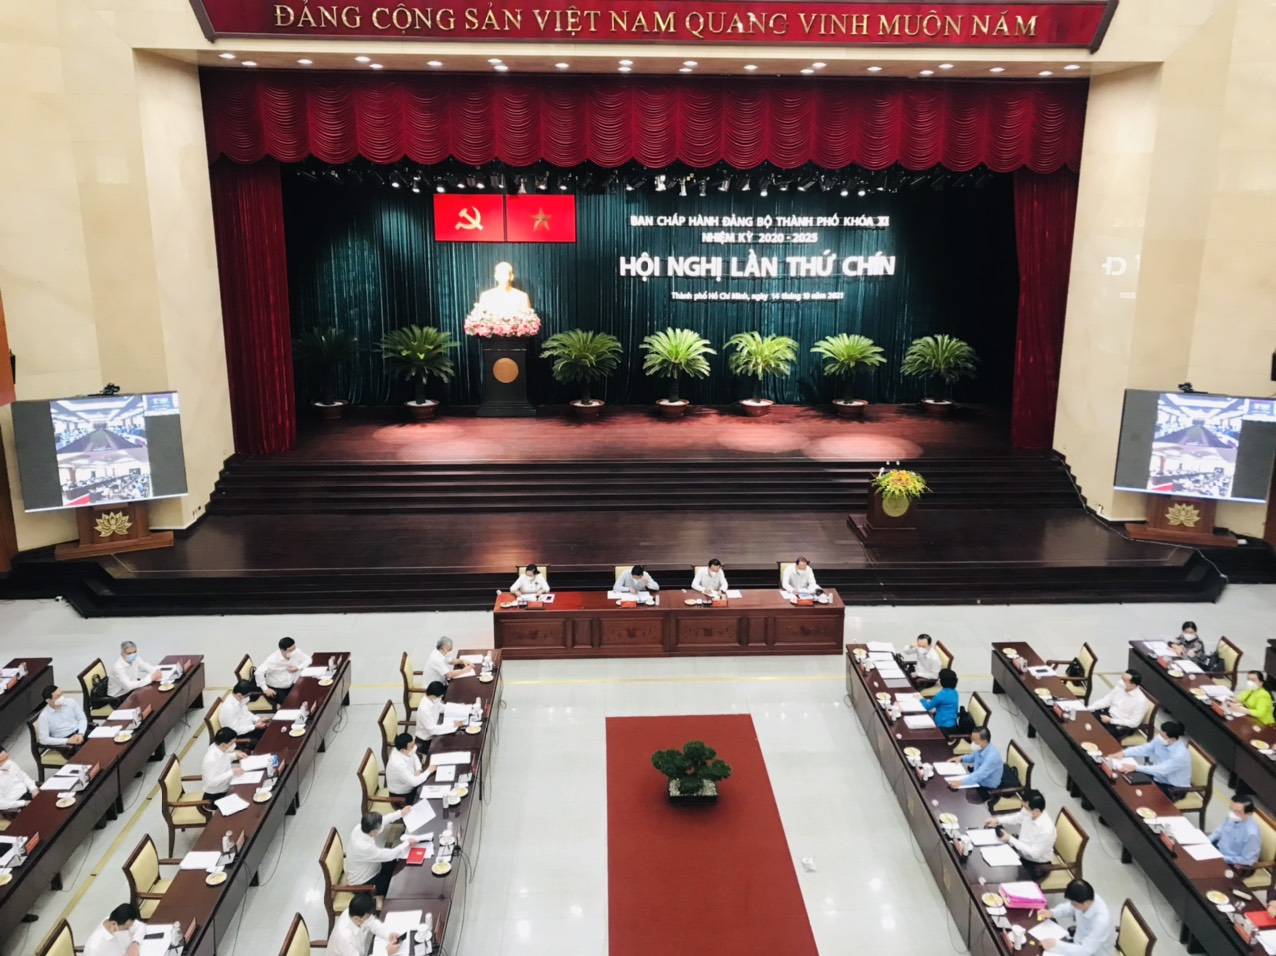 NÓNG: Thành ủy TP HCM đang họp mở rộng bàn nhiều vấn đề quan trọng - Ảnh 1.